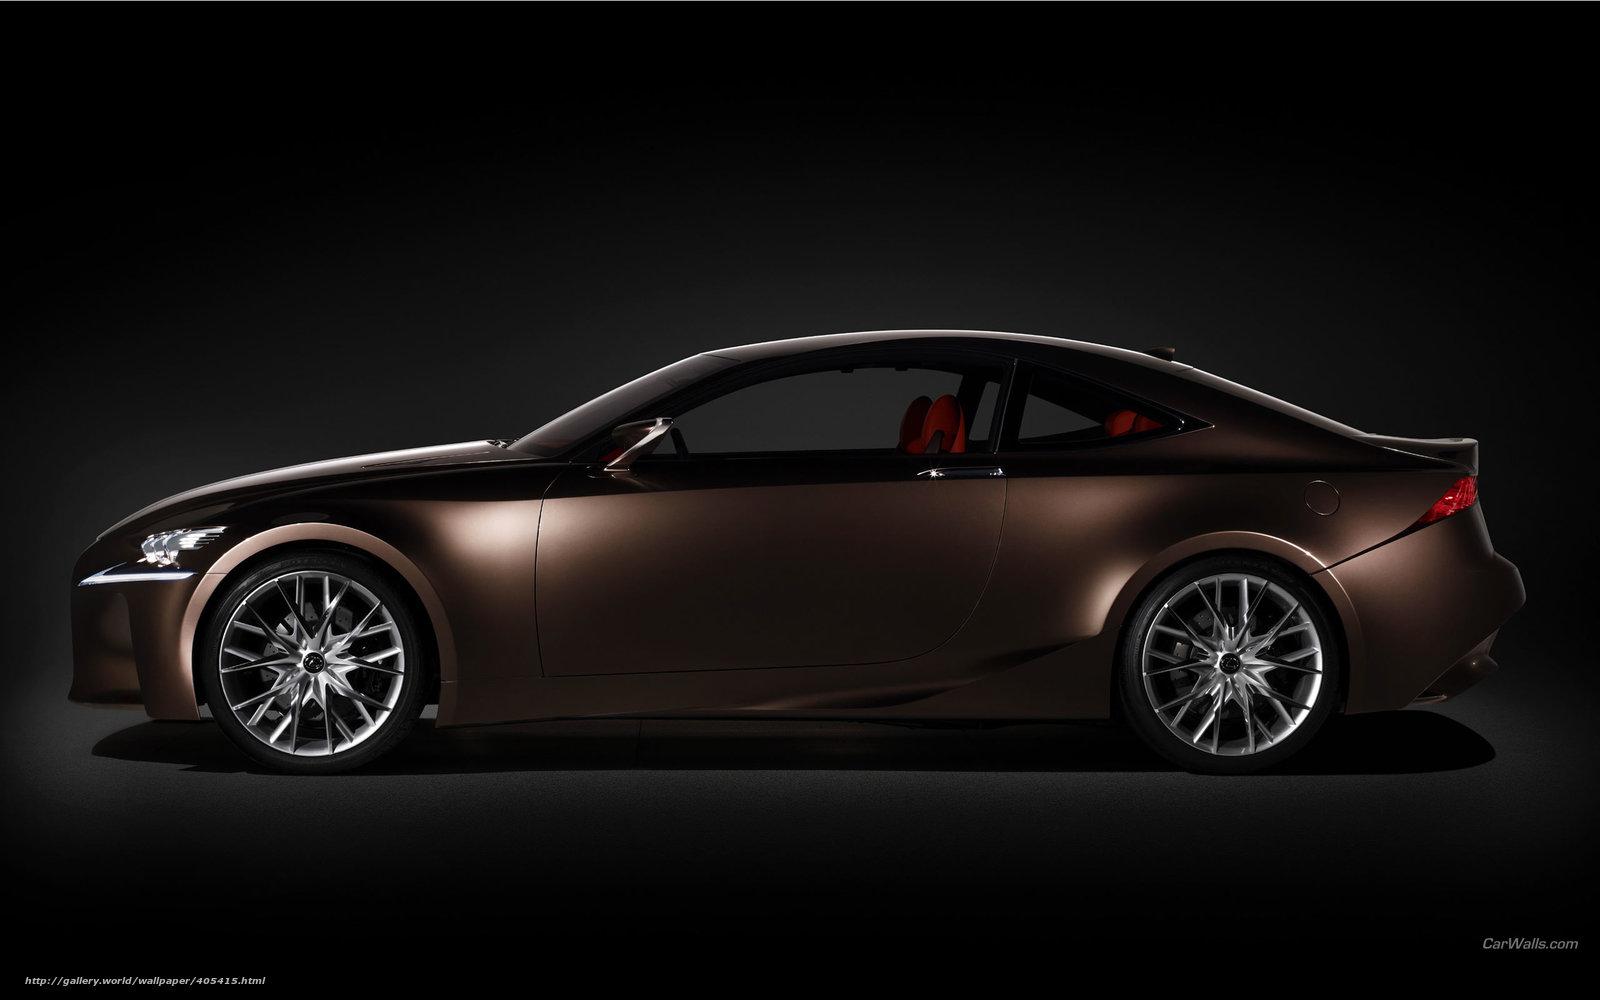 Скачать обои Lexus,  LFA,  авто,  машины бесплатно для рабочего стола в разрешении 2560x1600 — картинка №405415